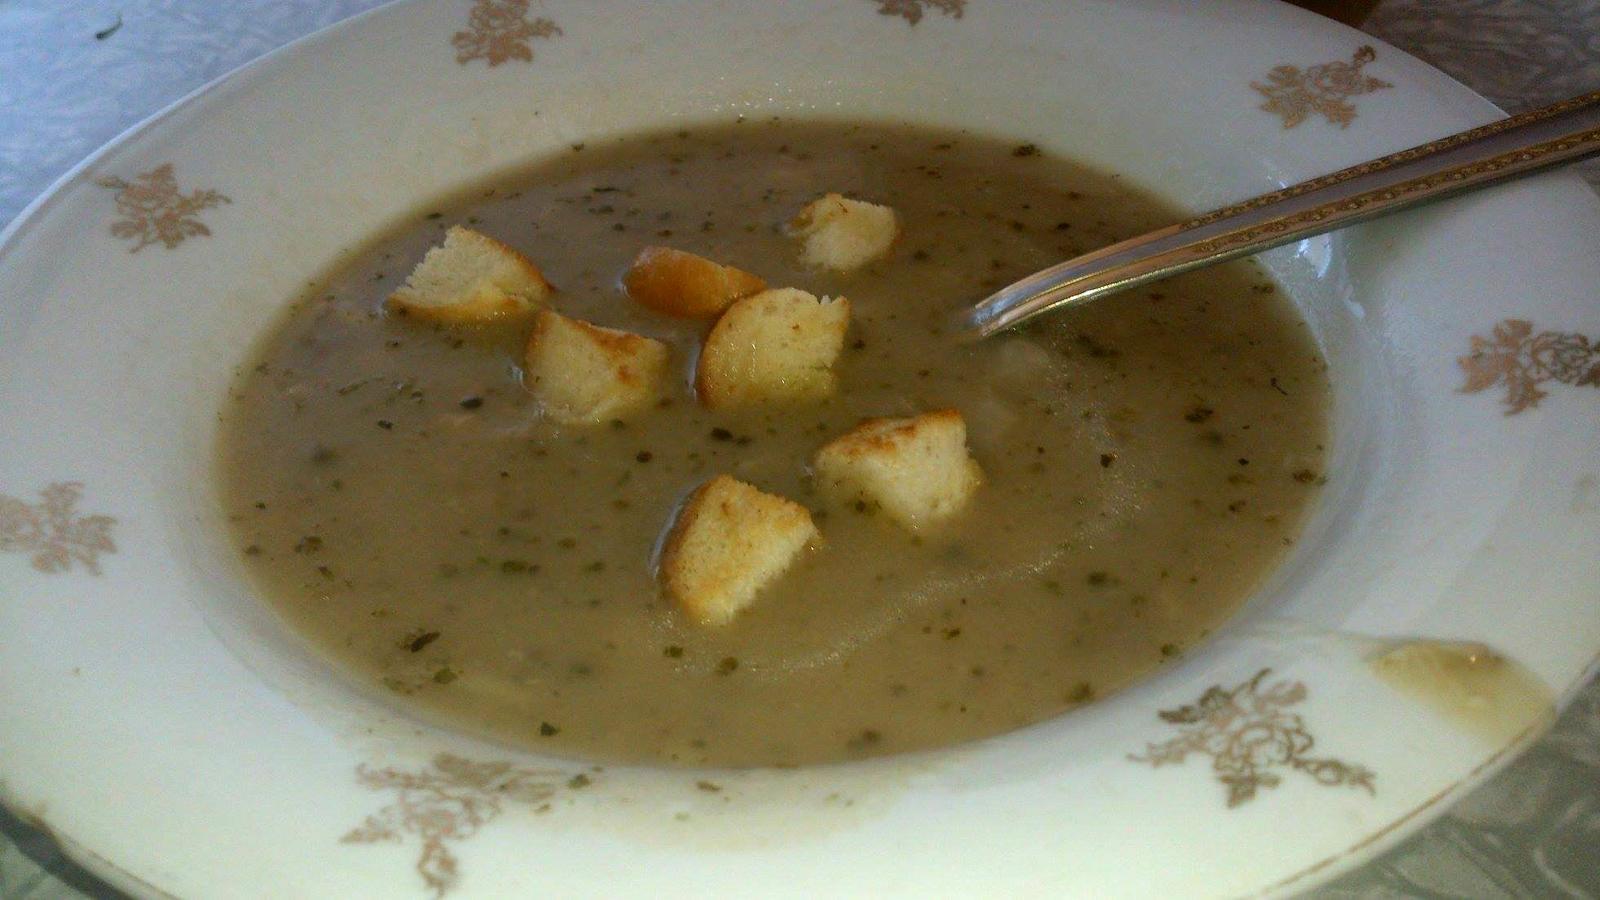 Degustační požitek - babička mi dnes udělala rybí polévku, tu zbožňuju, ale vidět, jak se dělá, už ji nikdy nesním:D